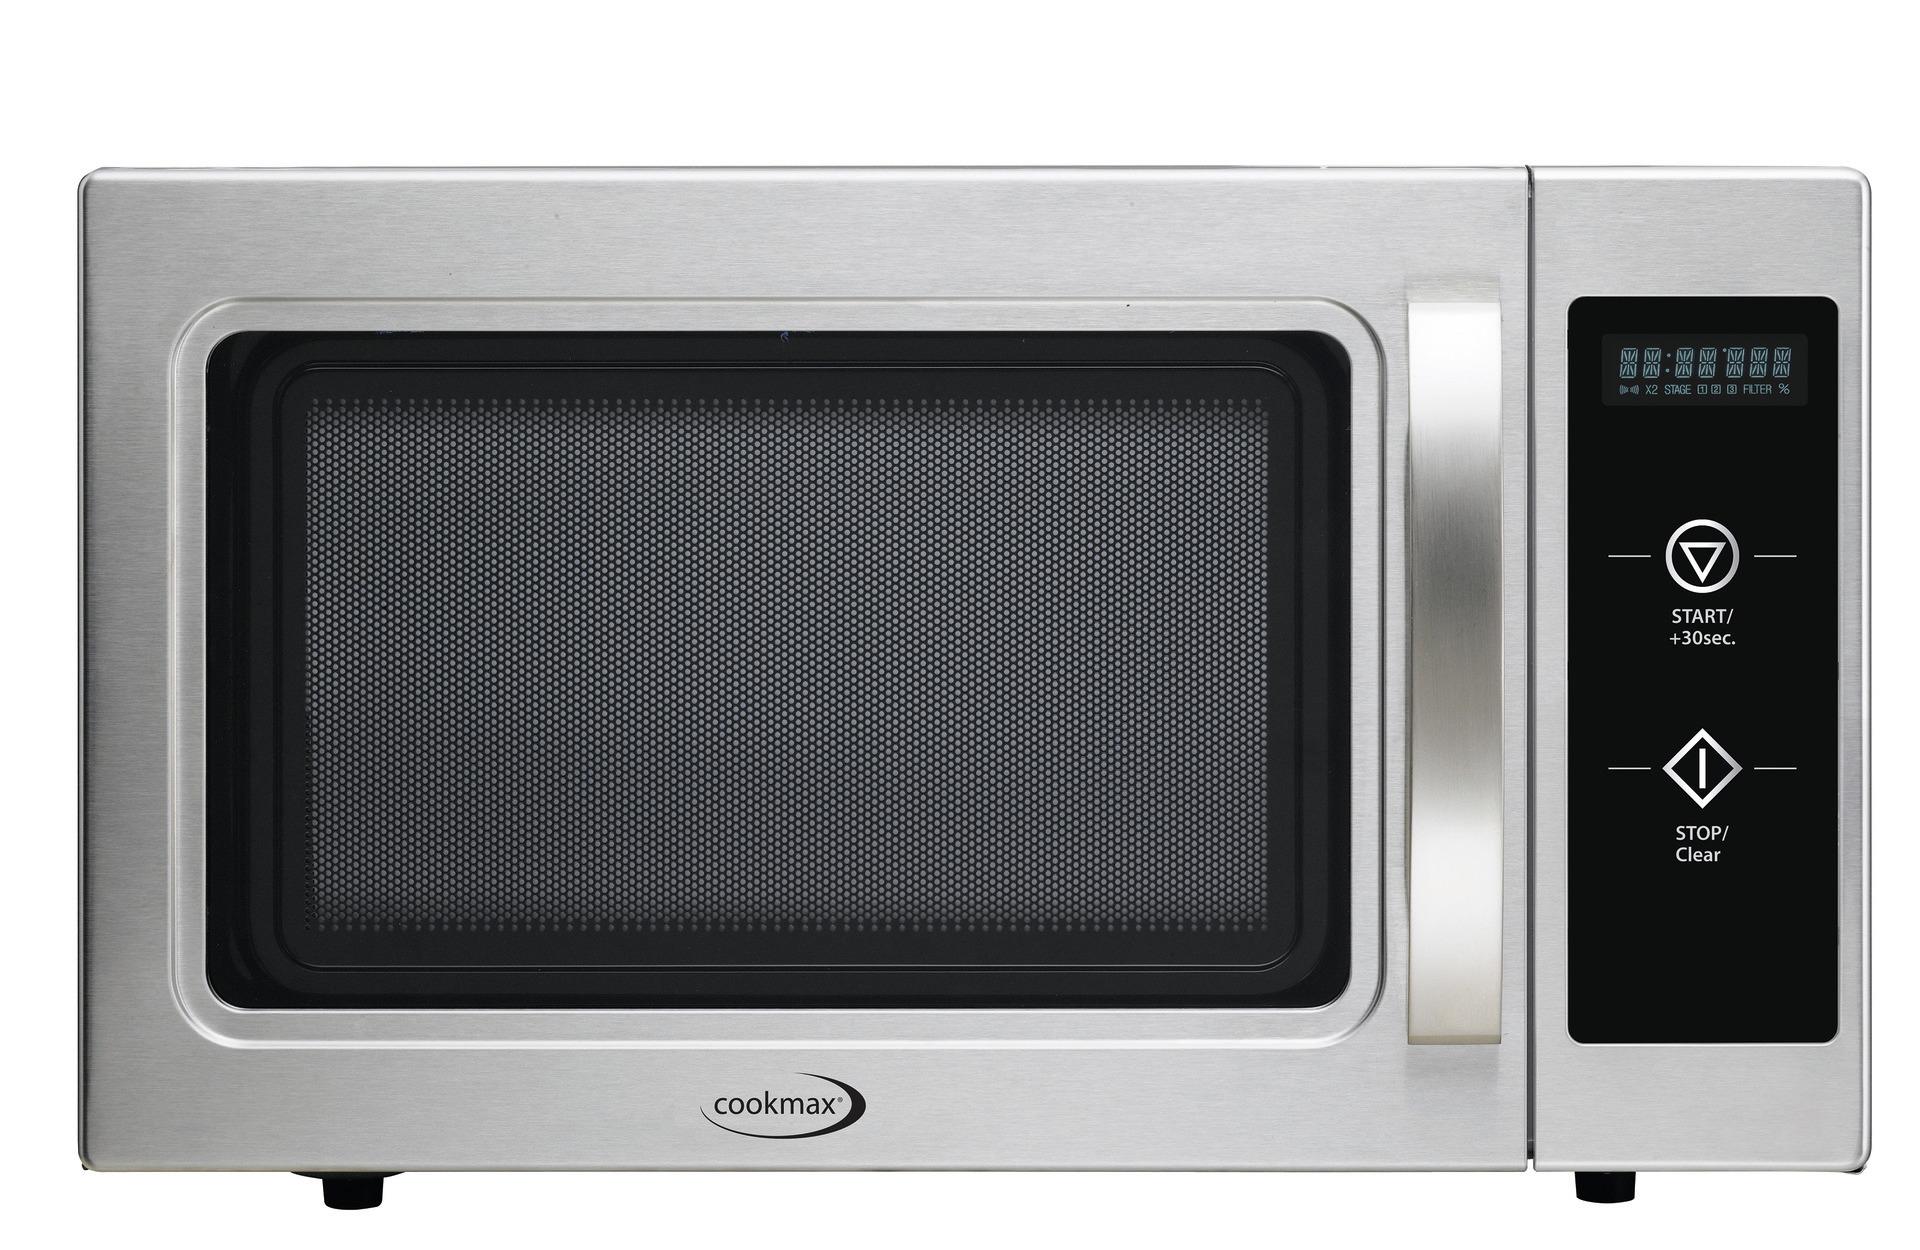 Gewerbe-Mikrowelle, Automatik, 1.100 W 29 l, 542 x 461 x 330 mm